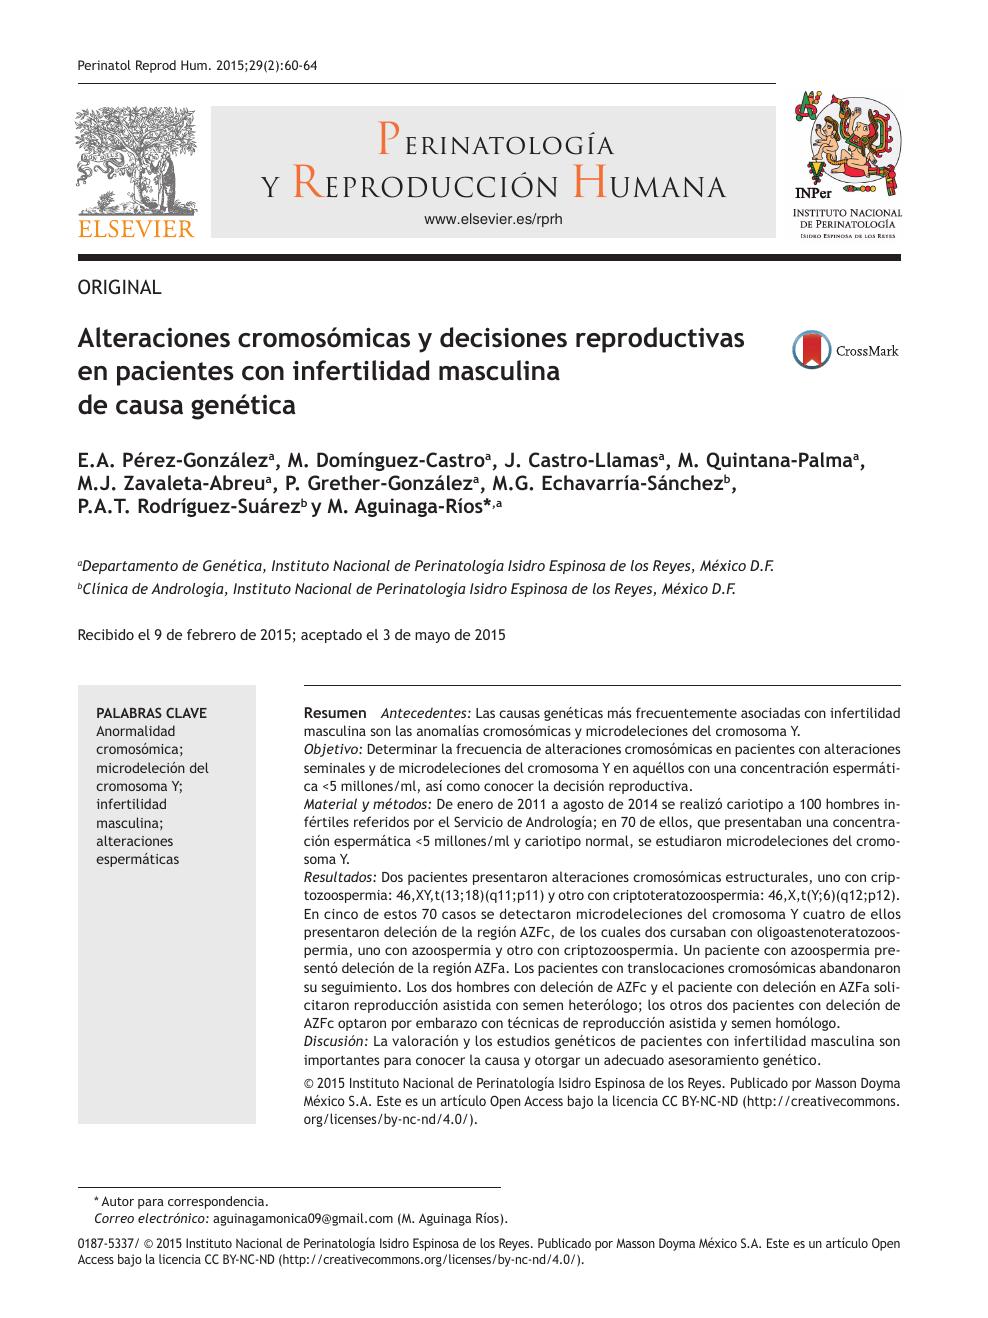 tipos de oligoasthenoteratozoospermia